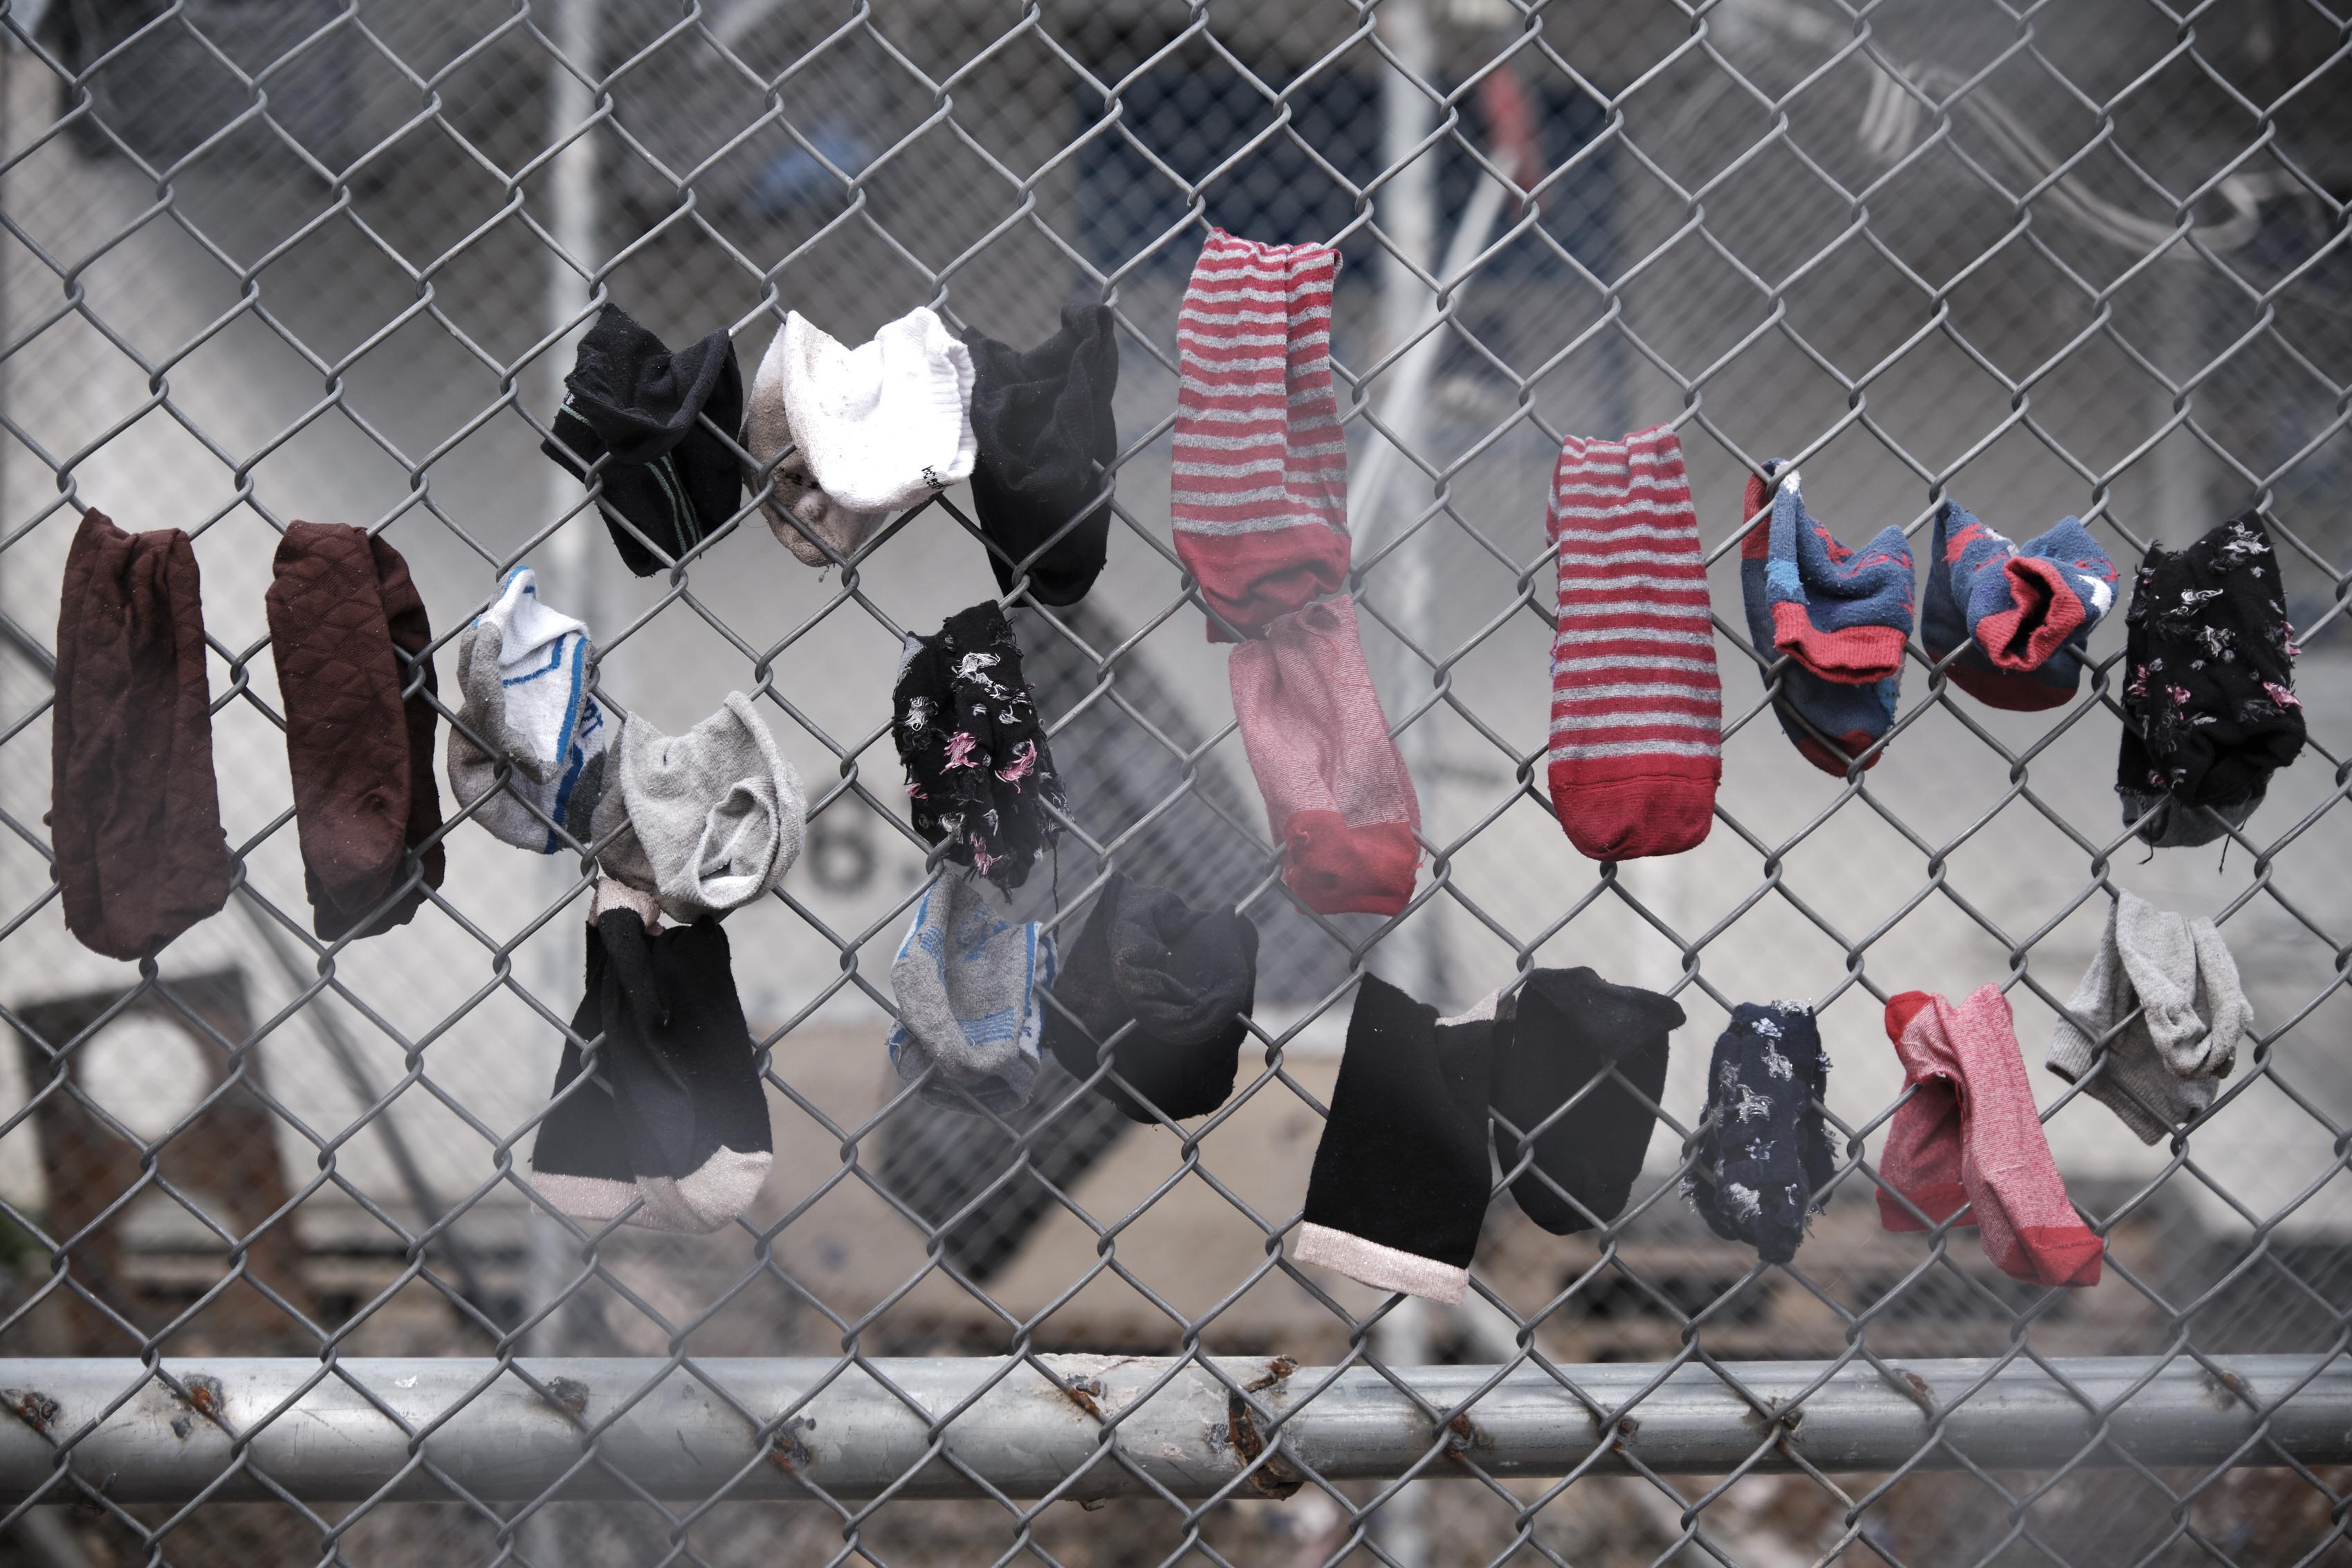 Ύπατη Αρμοστεία για Μόρια: «Να μεταφερθούν τα προσφυγόπουλα σε ασφαλές περιβάλλον»